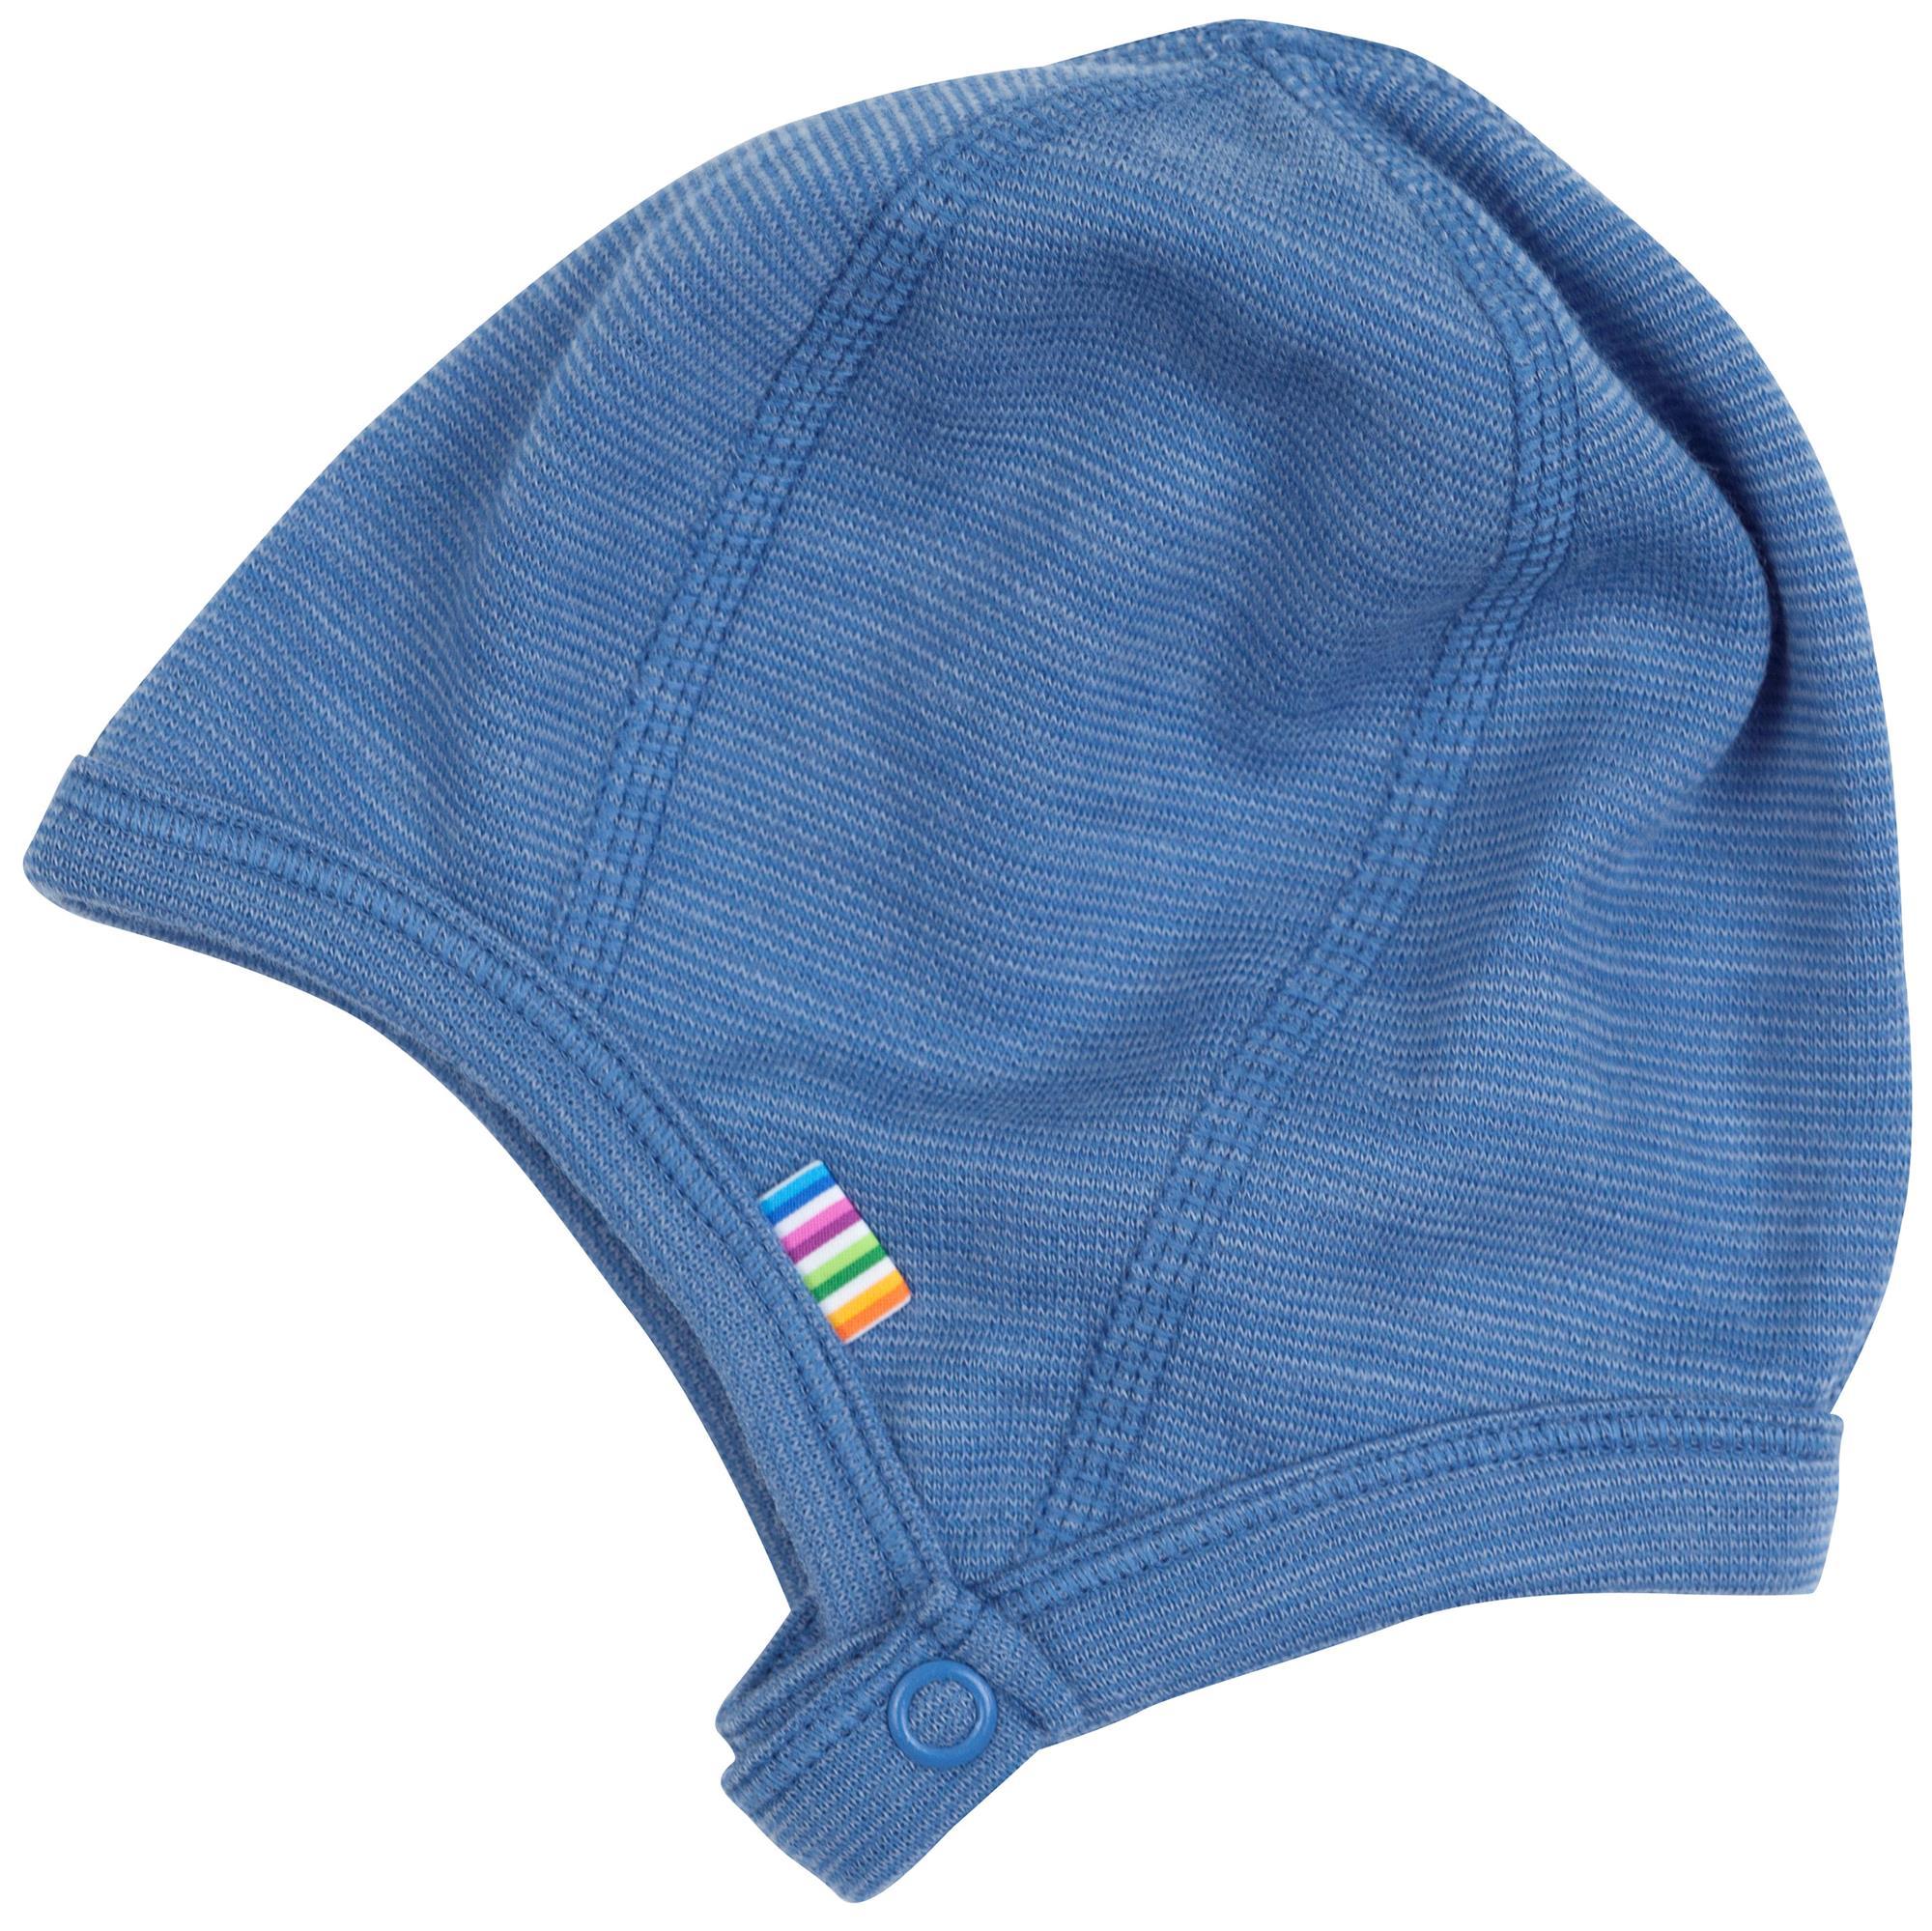 07c73241cb5 JOHA hue uld blå meleret med trykknap, 34 cm (præmatur), 37 cm, 41 cm, 45 cm